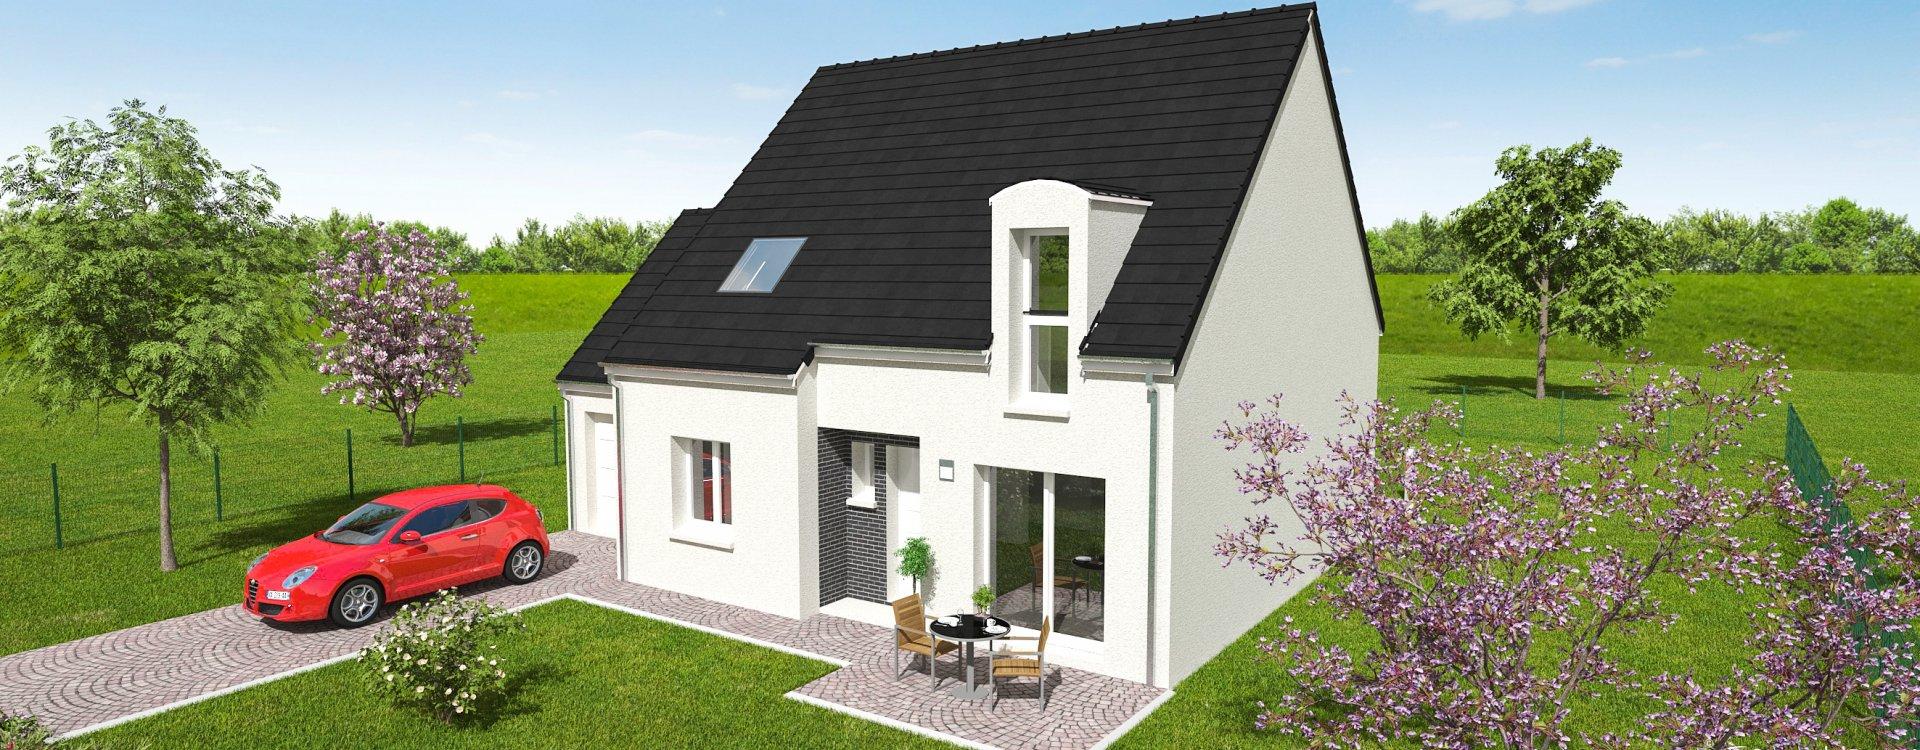 Maisons + Terrains du constructeur EASY HOUSE • 110 m² • ASCHERES LE MARCHE